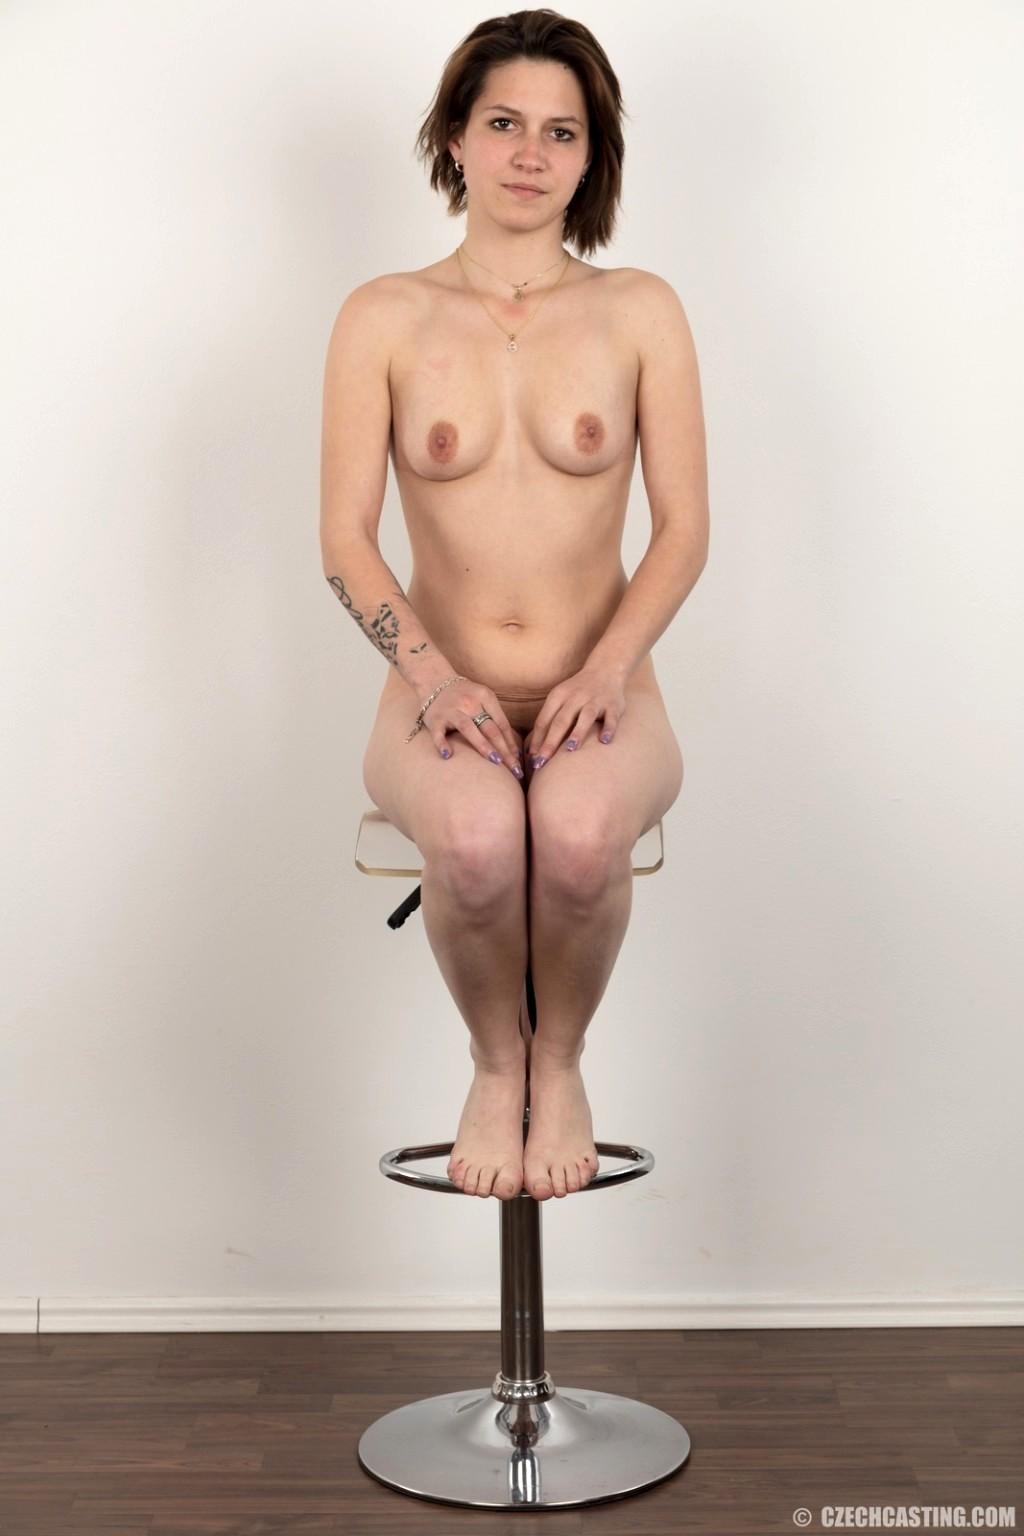 casting sexo www amateur tv